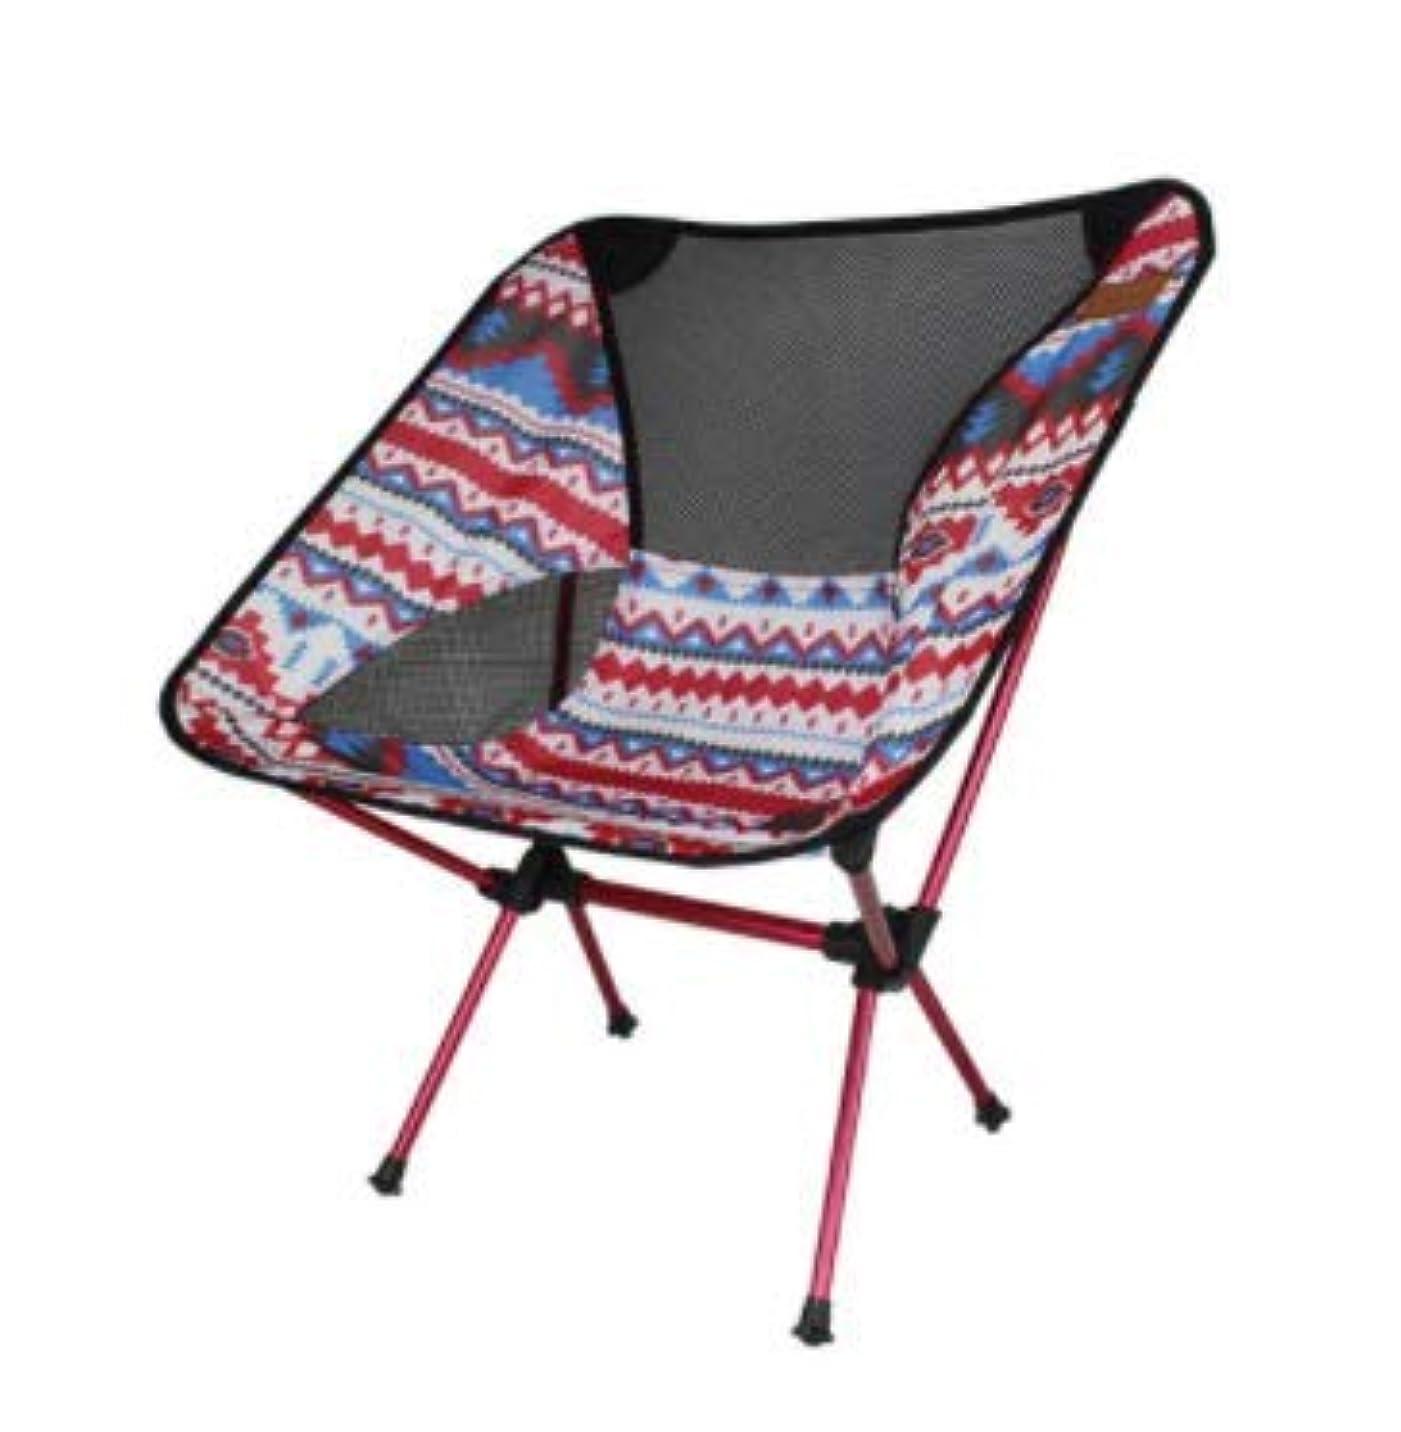 年金受給者残高地下屋外折りたたみ椅子ムーンチェア超軽量ポータブルアルミ釣り椅子キャンプ折りたたみテーブルと椅子レジャー (Color : Red)